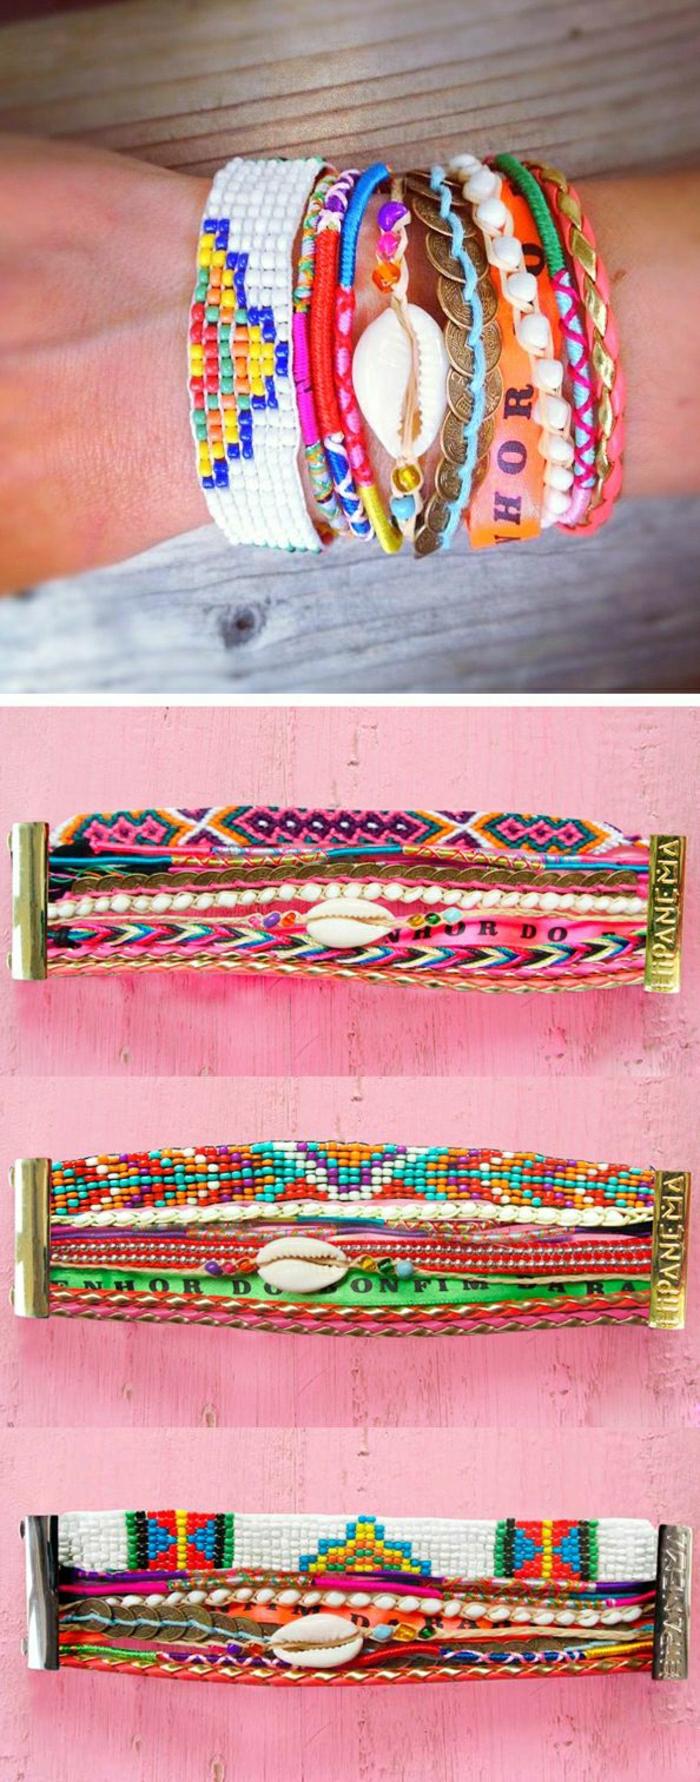 2-comment-faire-des-bracelets-brésiliens-idée-pour-bracelets-brésiliens-colorées-technique